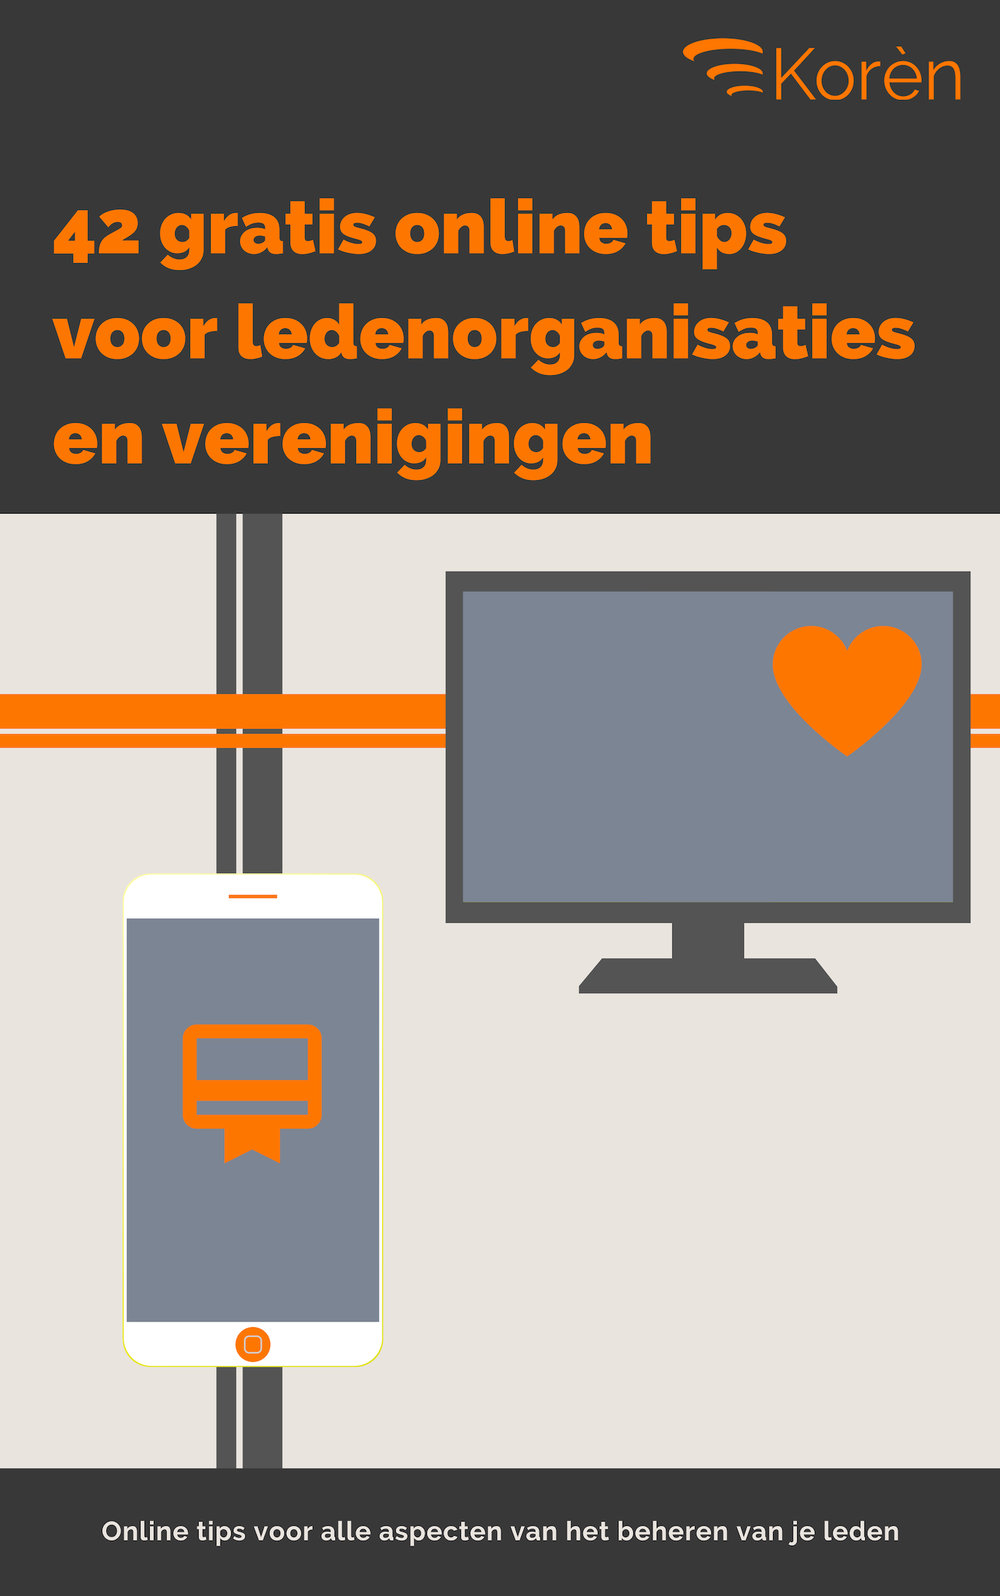 E-boek_ 42 gratis online tips voor ledenorganisaties en verenigingen.jpg